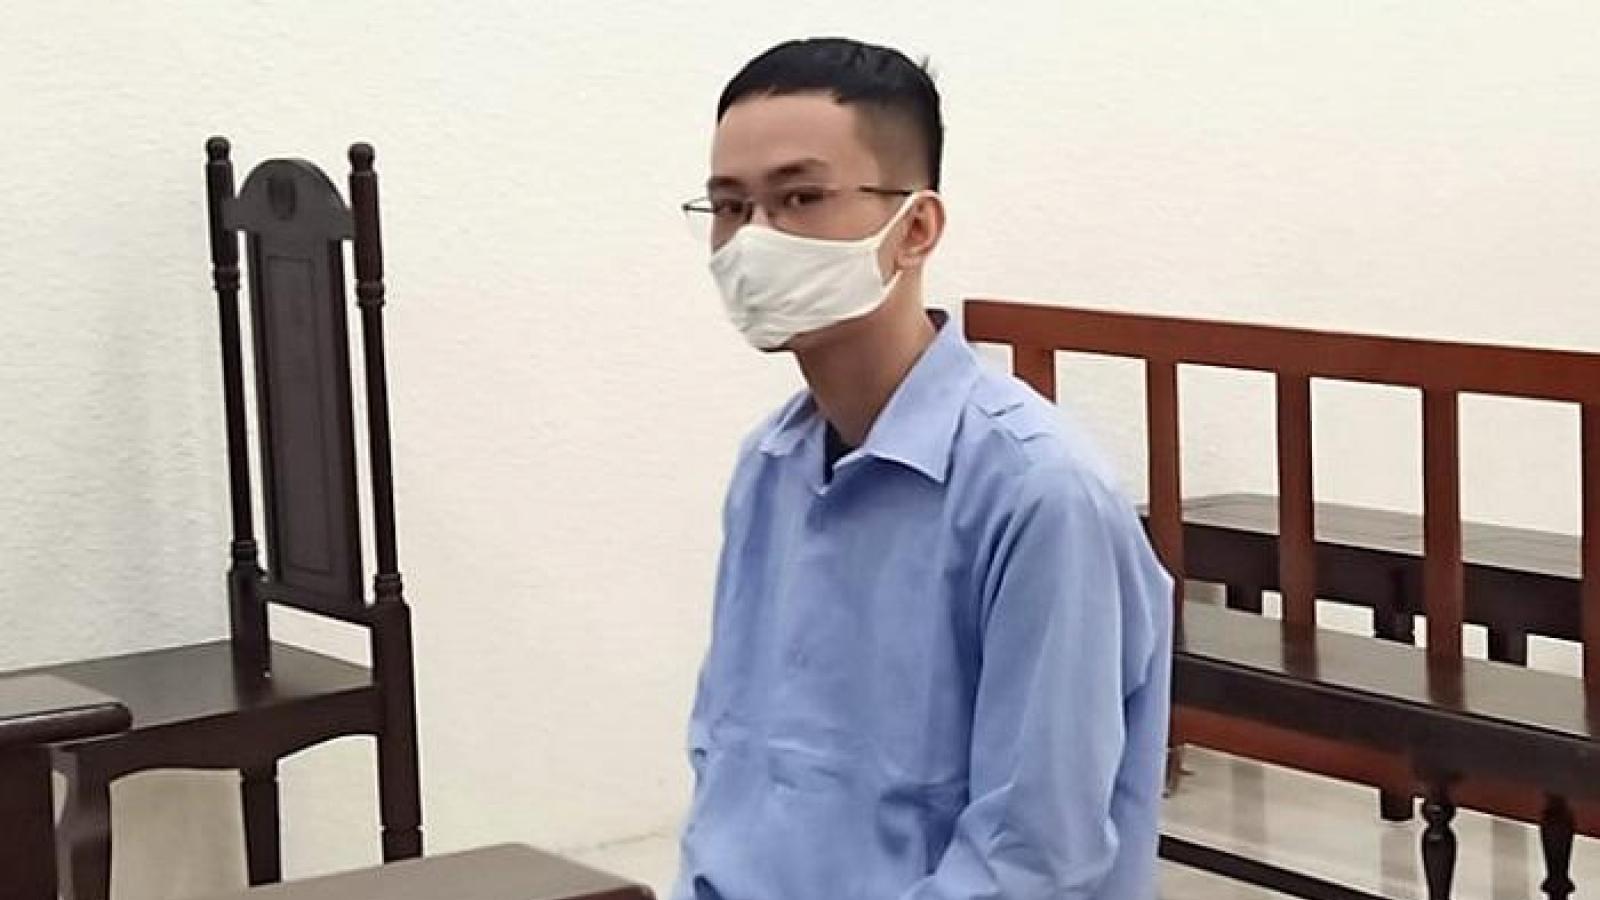 Lên Facebook kêu gọi sát hại thẩm phán, bị tuyên 5 năm tù giam